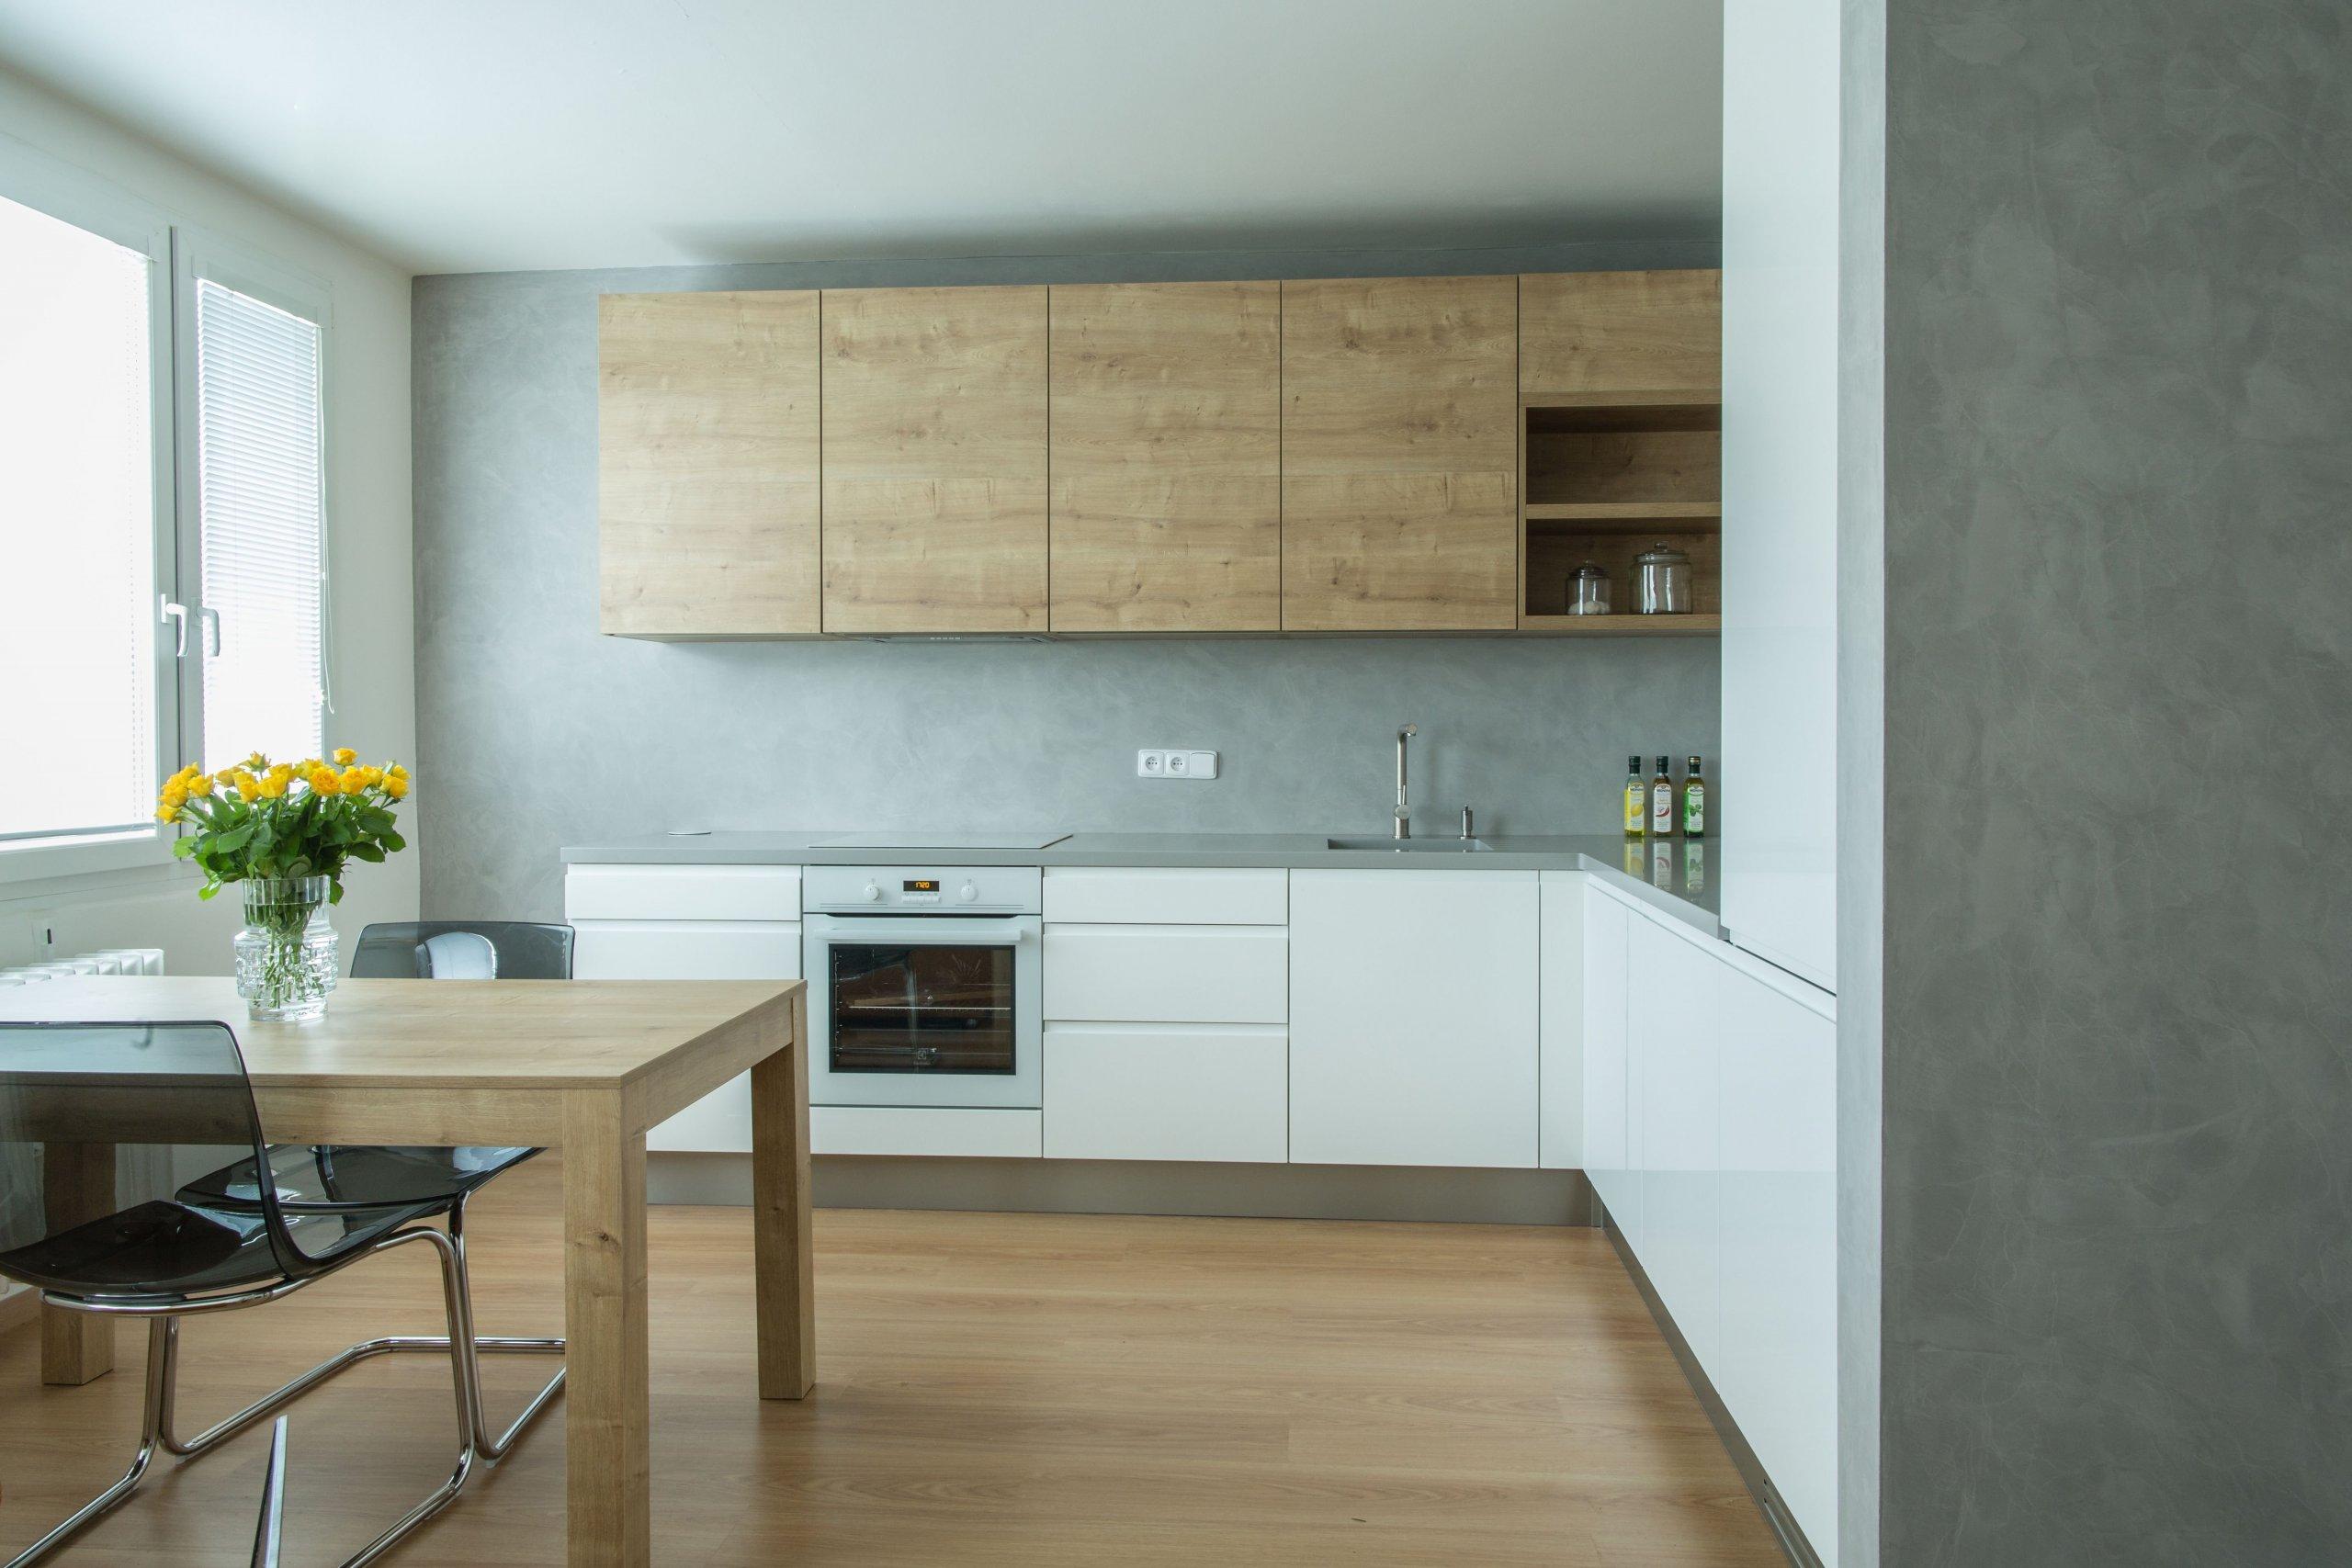 Praktickou a moderní kuchyň v paneláku jsem ráda navrhla pro jednu z mých klientek. Oblíbená kombinace bílé, šedé a dřeva je na této kuchyni v harmonii se…